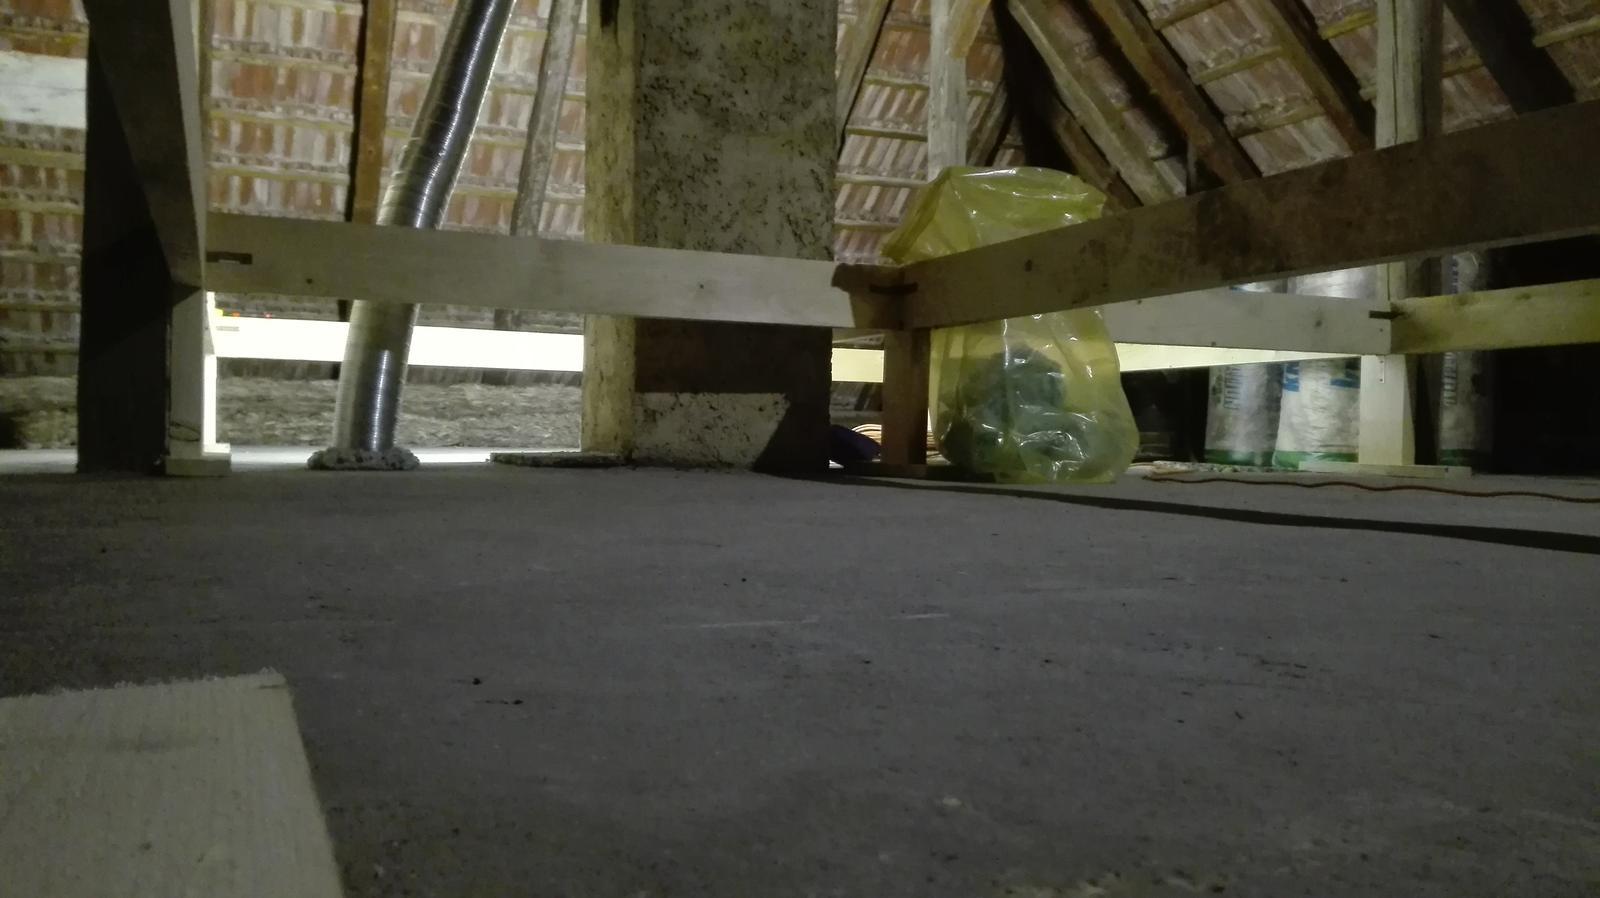 Zlepsenie tepelnoizolacnych vlastností tramoveho stropu - Obrázok č. 4